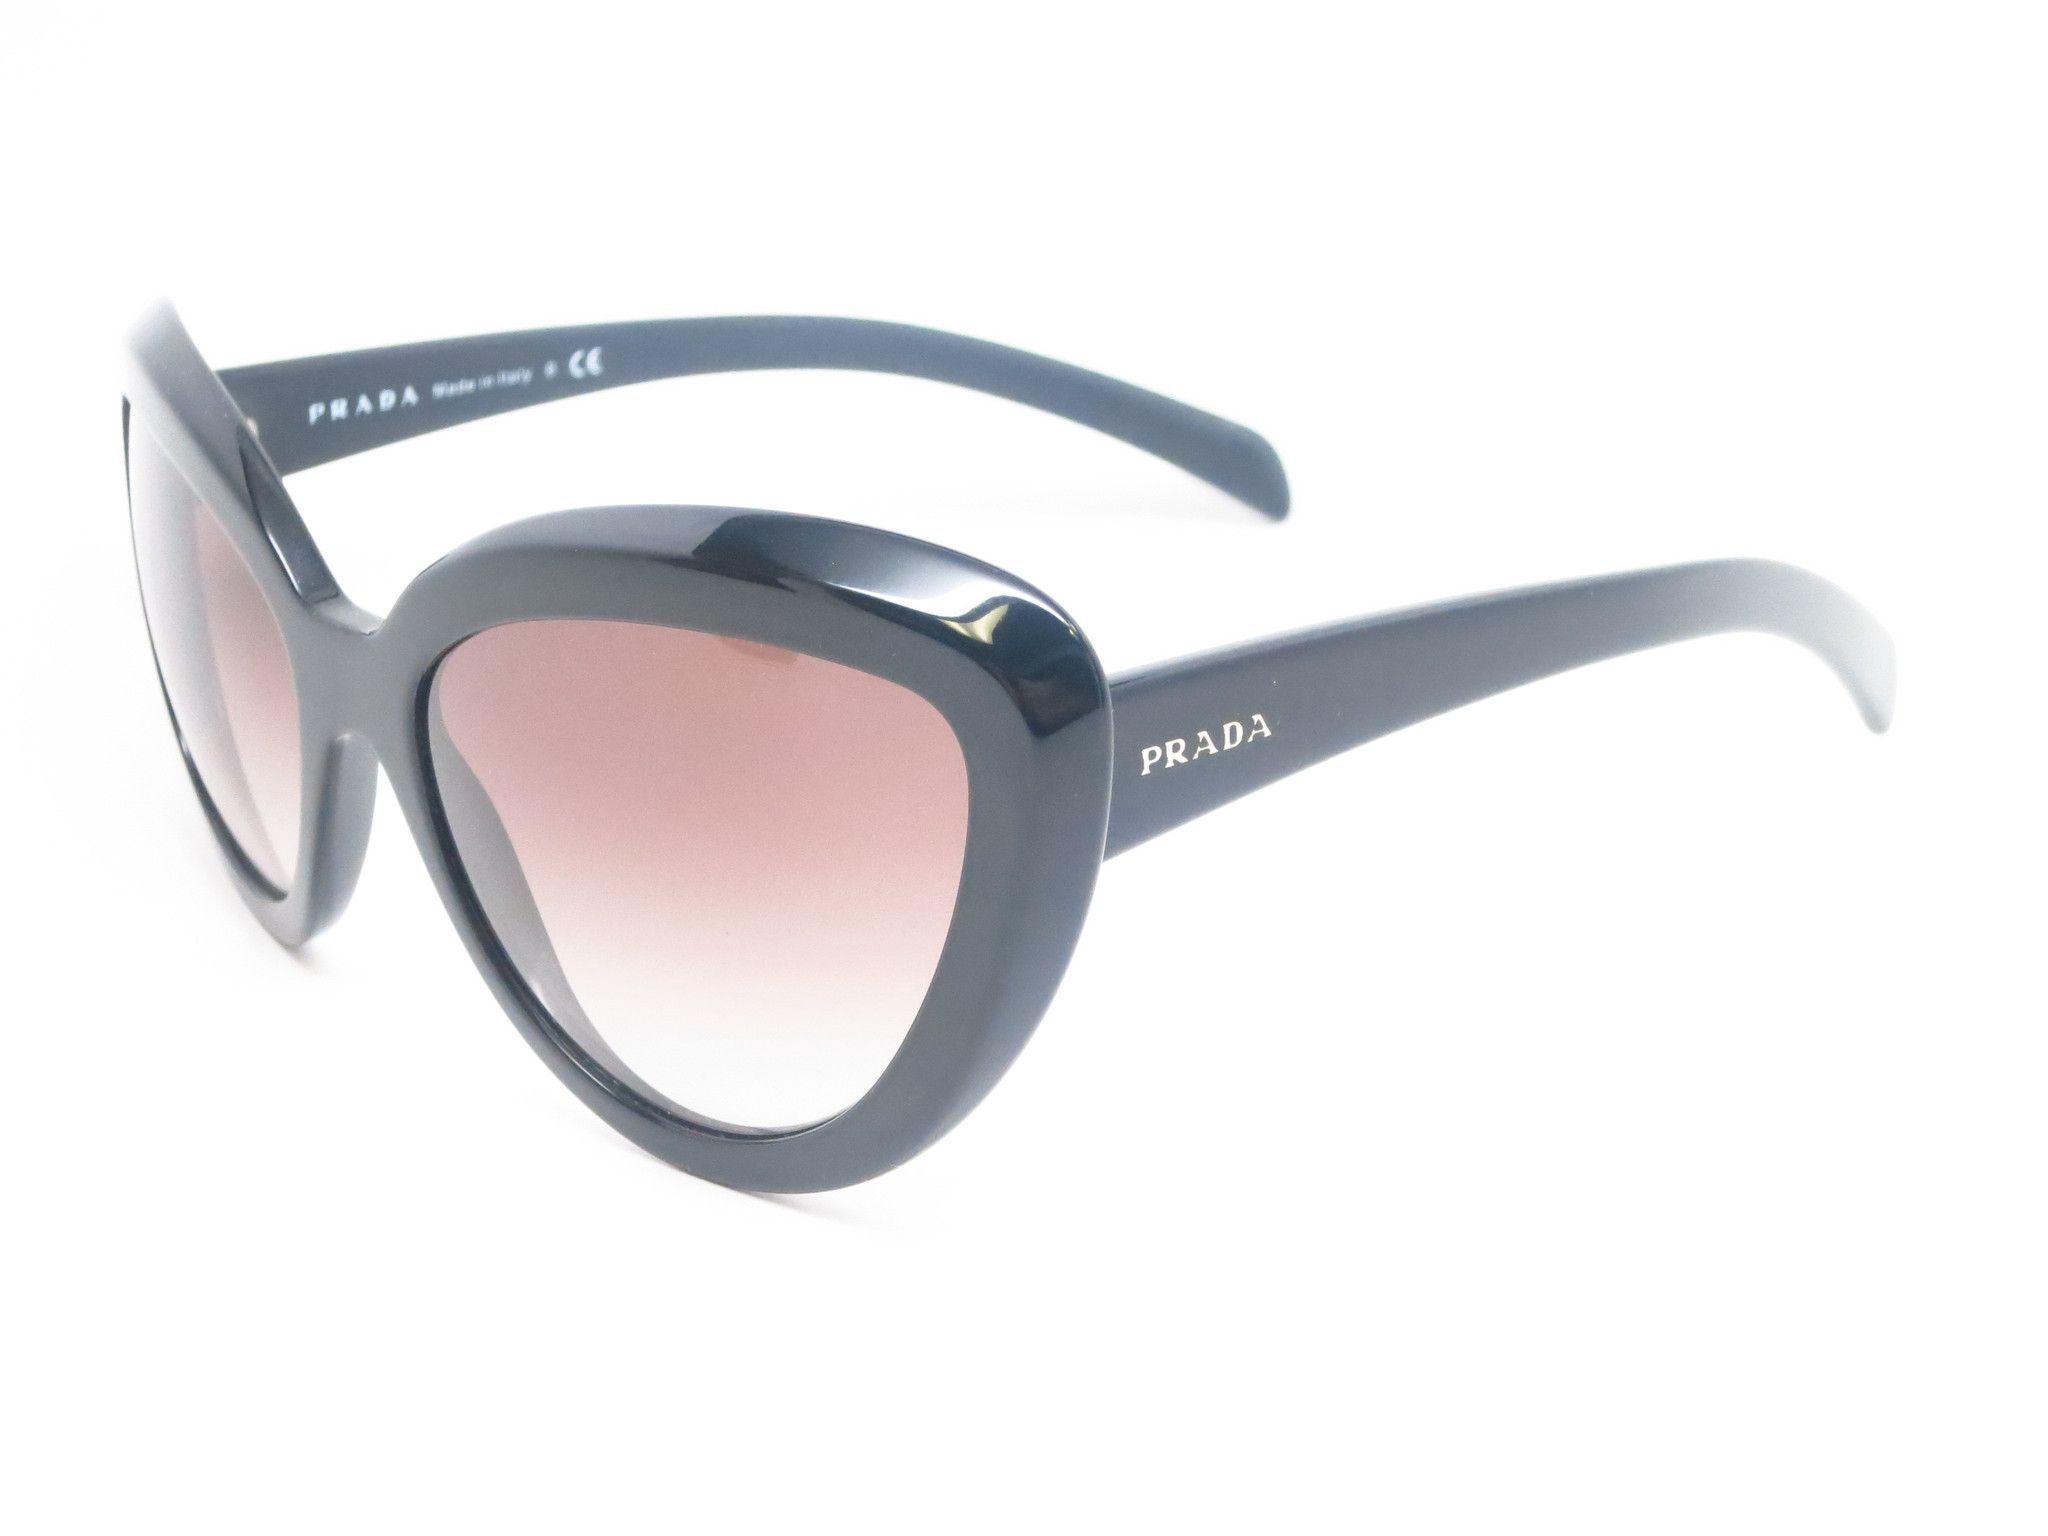 b019750ad3 Prada SPR 08R 1AB-0A7 Black Sunglasses | Prada Linea Rosa Sunglasses ...